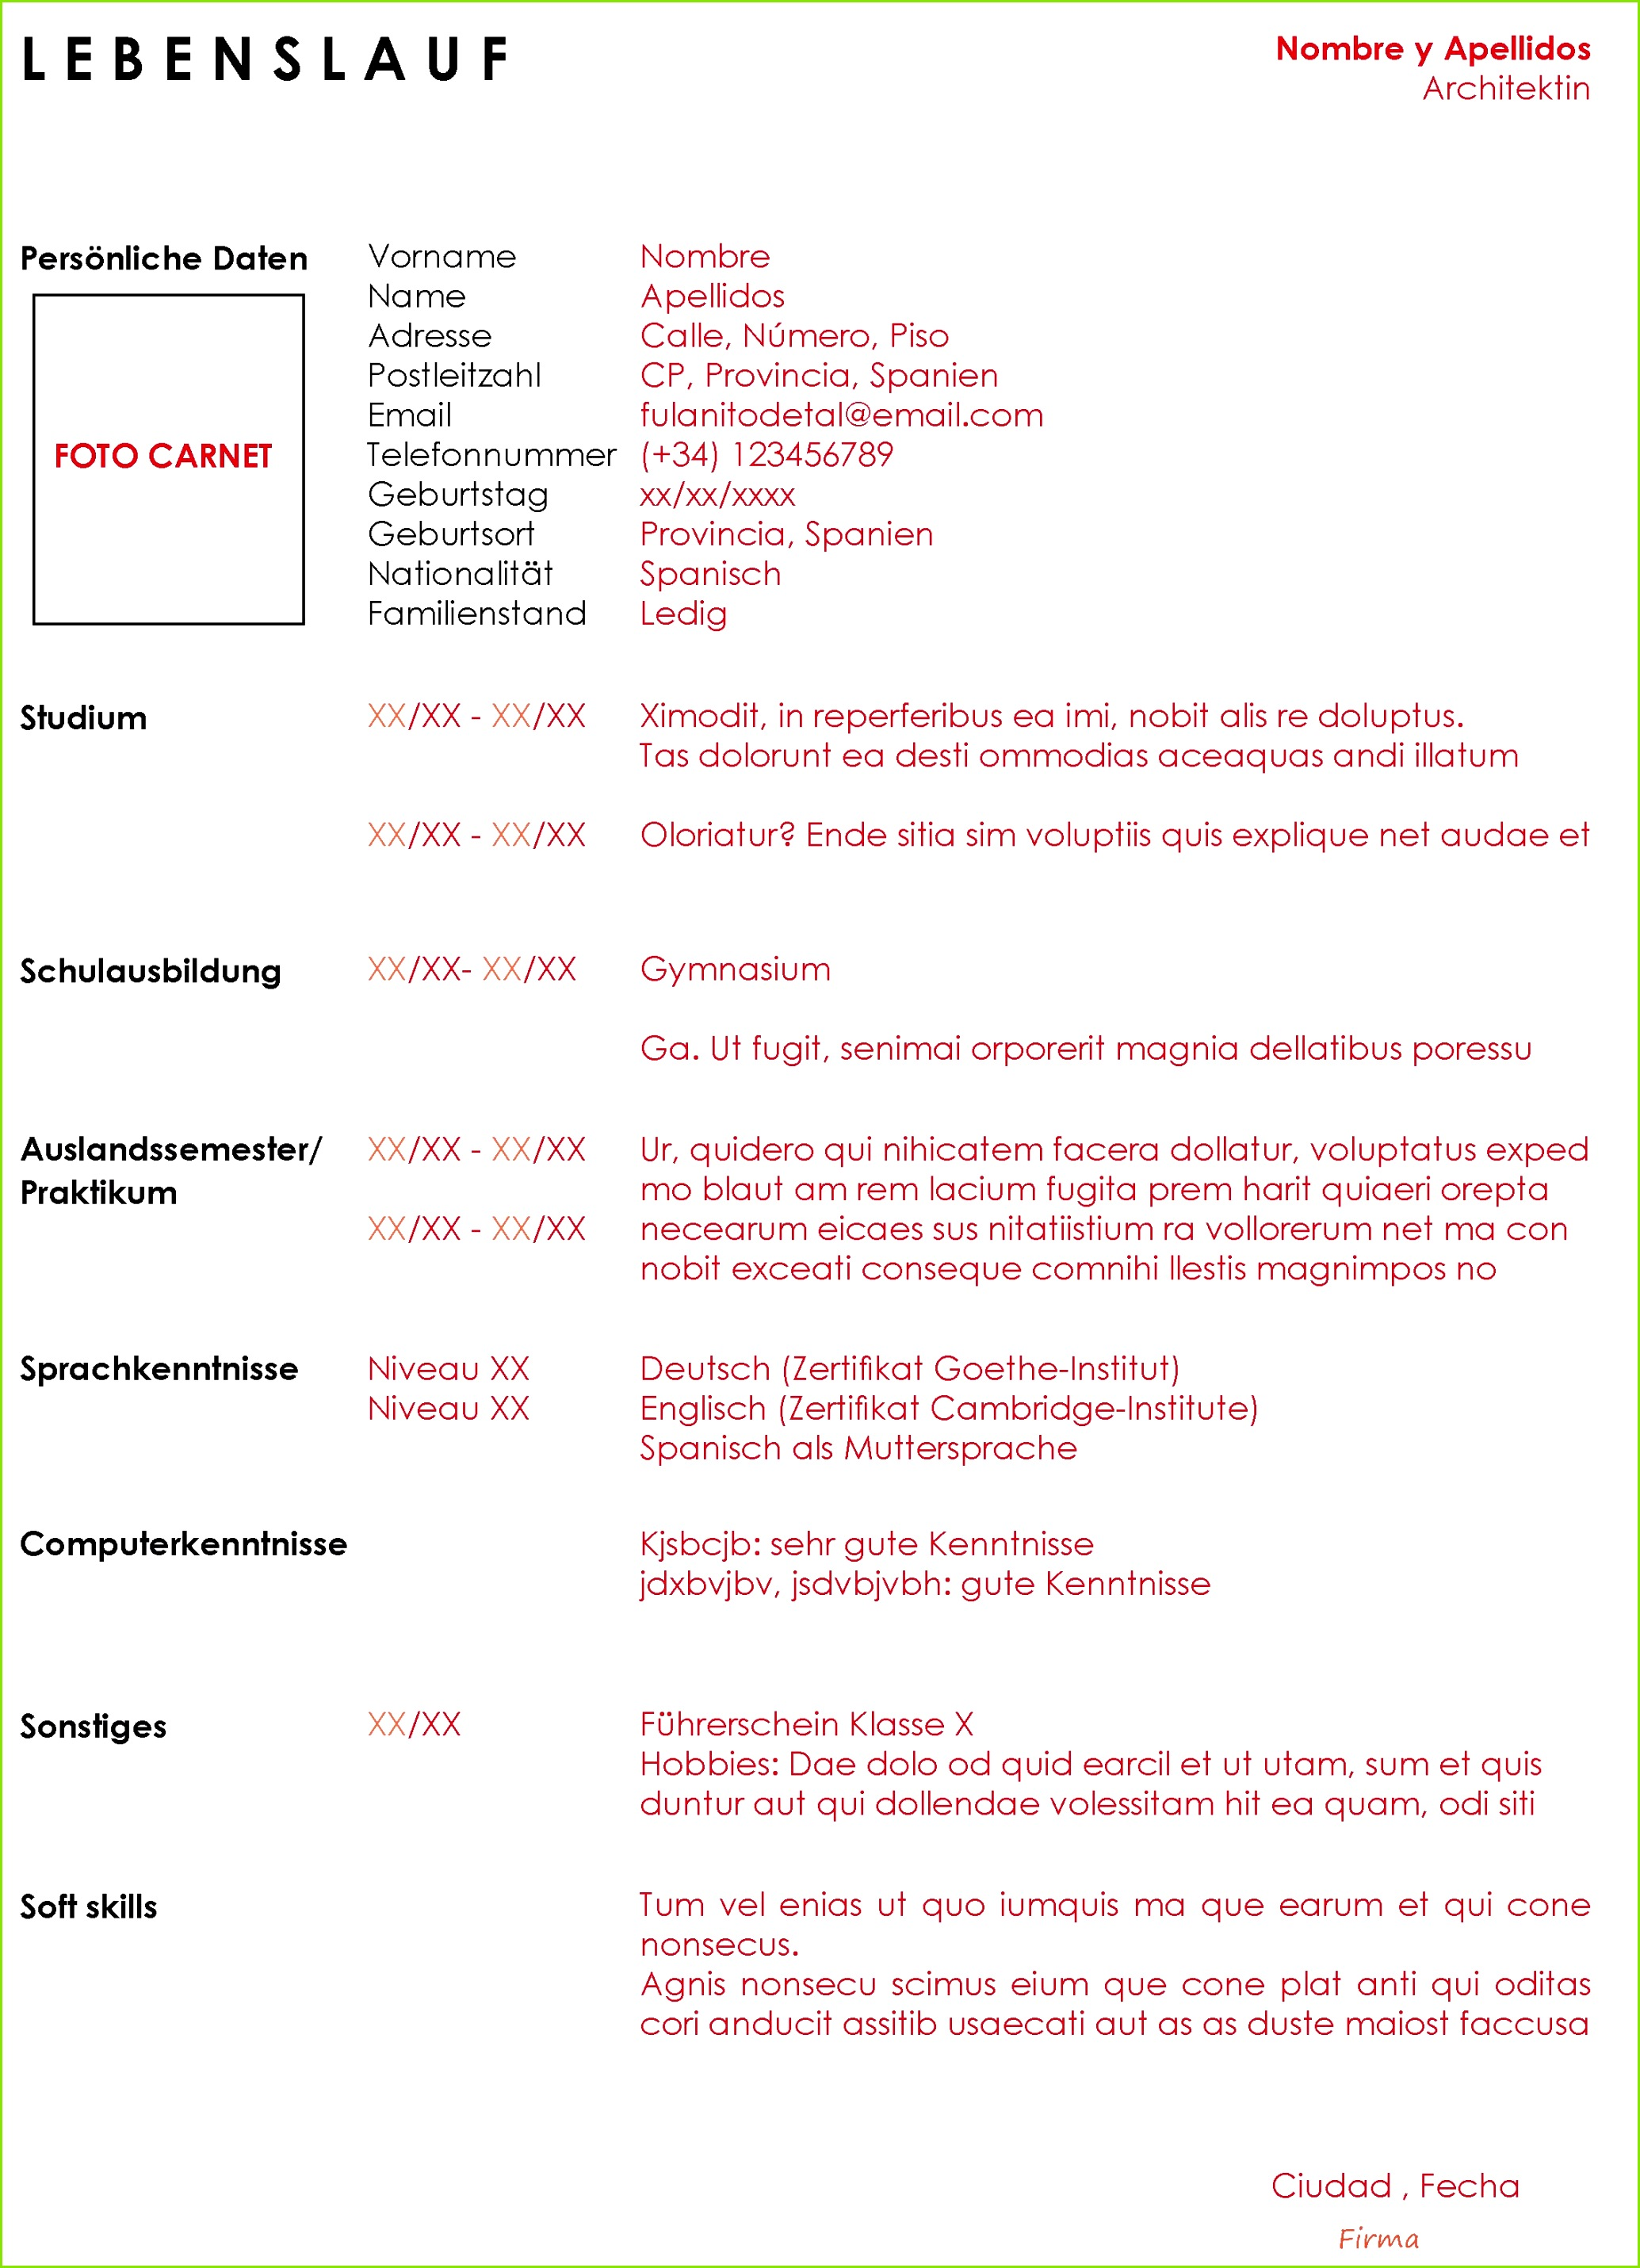 motivationsschreiben studium muster pdf gemalde lebenslauf muster vorlage manager 1 beispiel motivationsschreiben of motivationsschreiben studium muster pdf